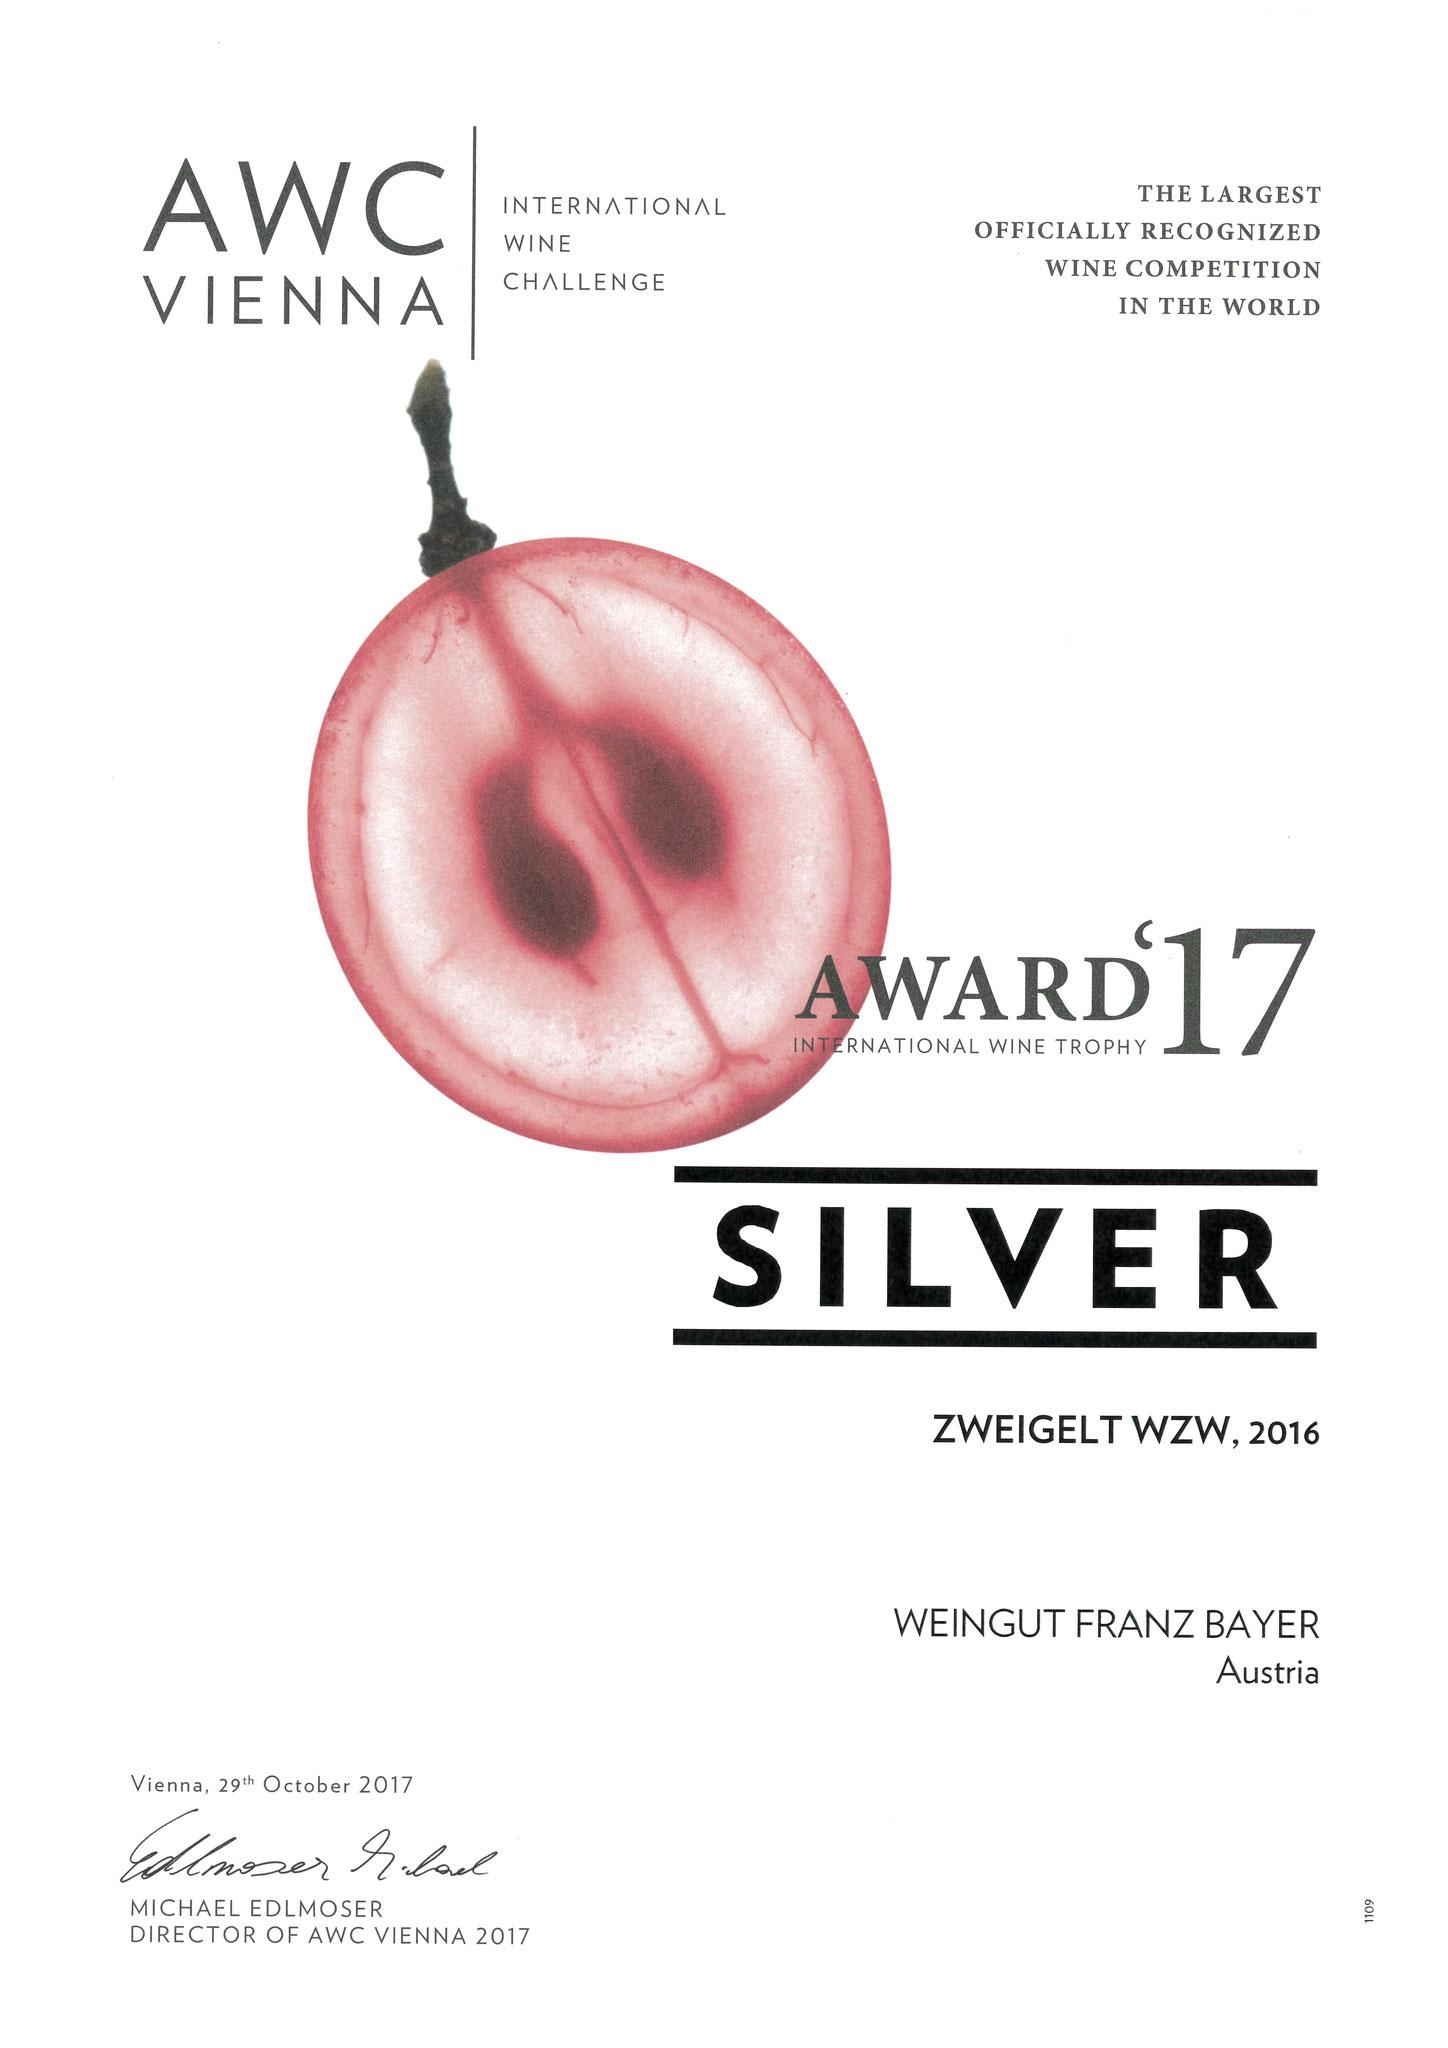 AWC Gold Weingut Franz Bayer Königsbrunn am Wagram Niederösterreich Austrian Wine 2 Sterne Weingut